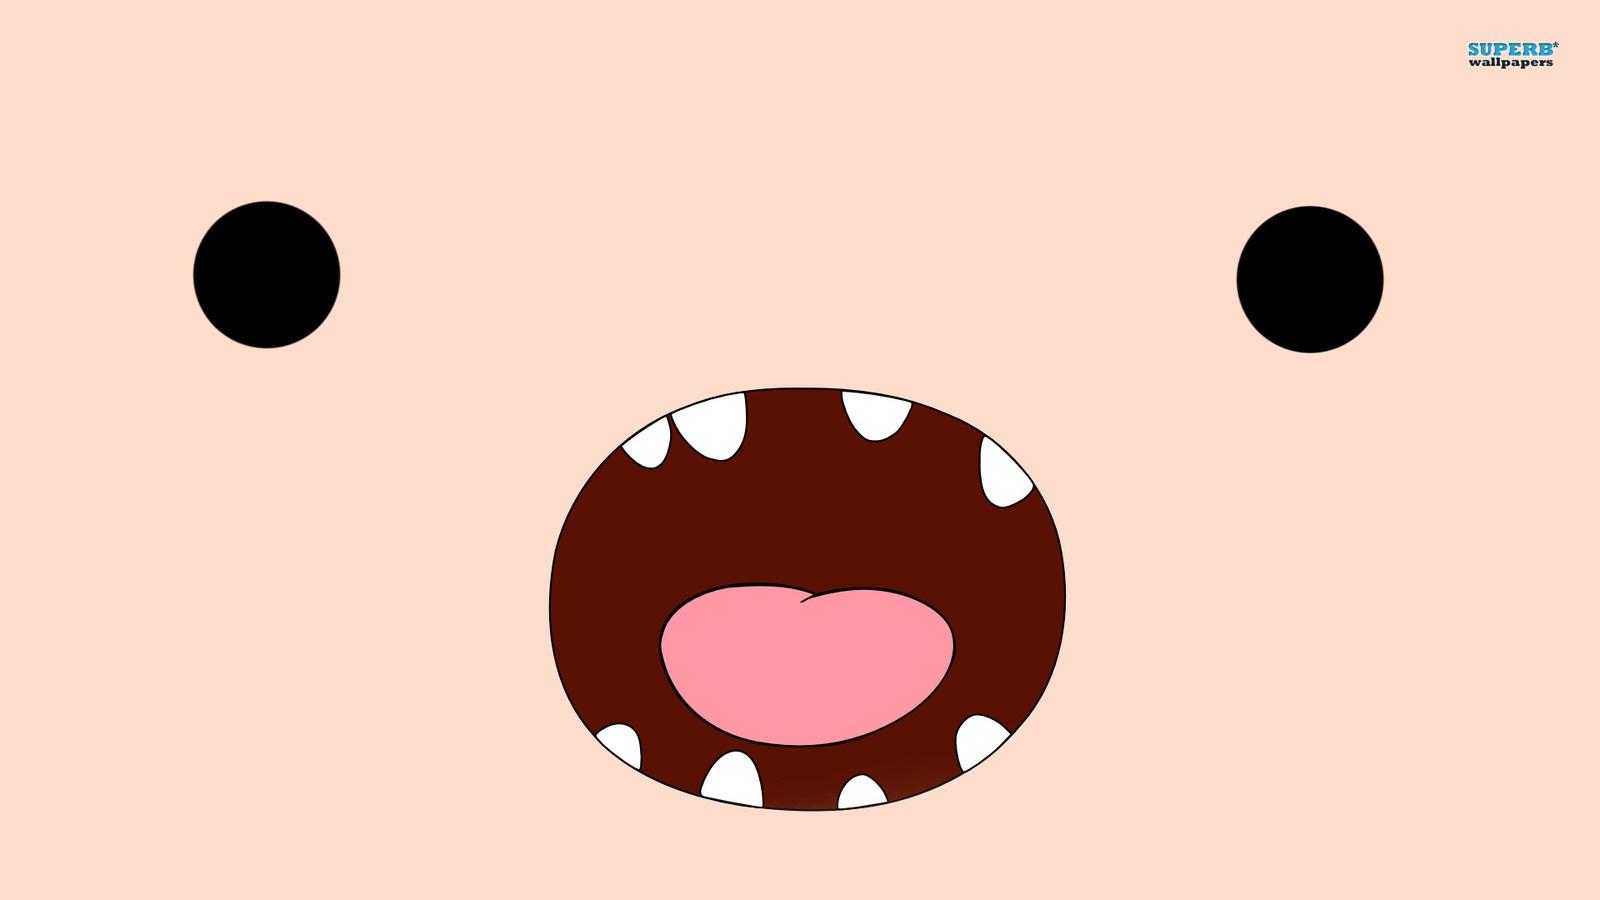 Adventure Time Cartoon Network Wallpaper 38680088 Fanpop